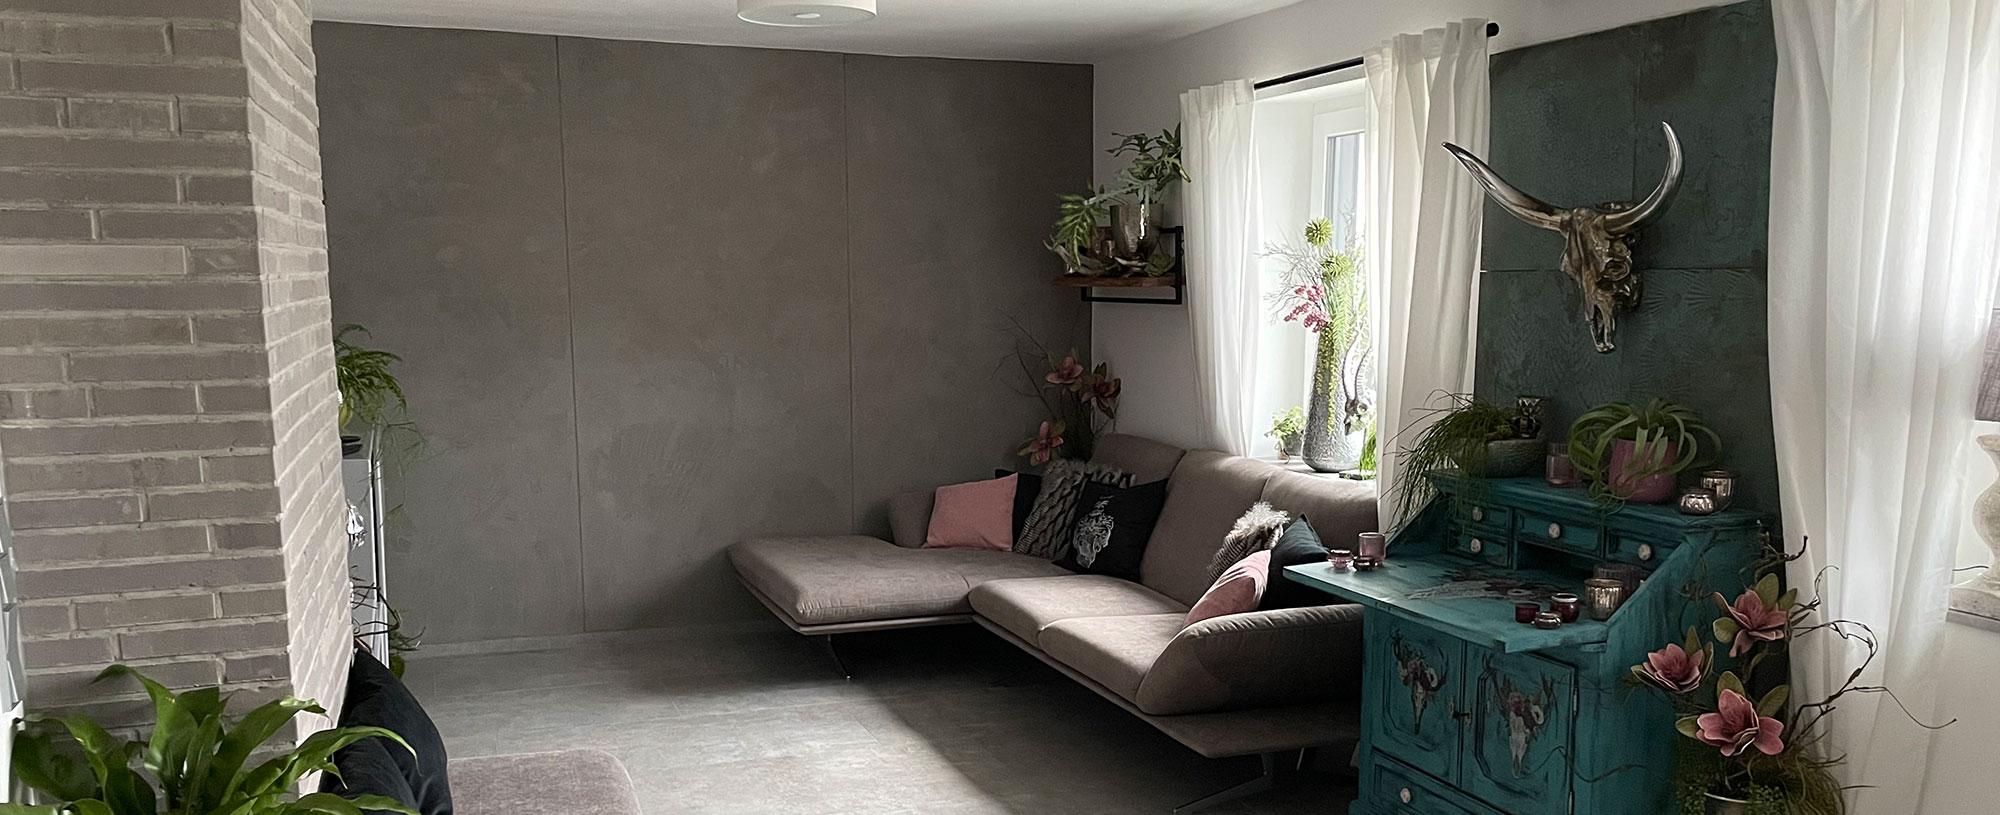 Fliesen-Beverungen-Header-Wohnzimmer-2